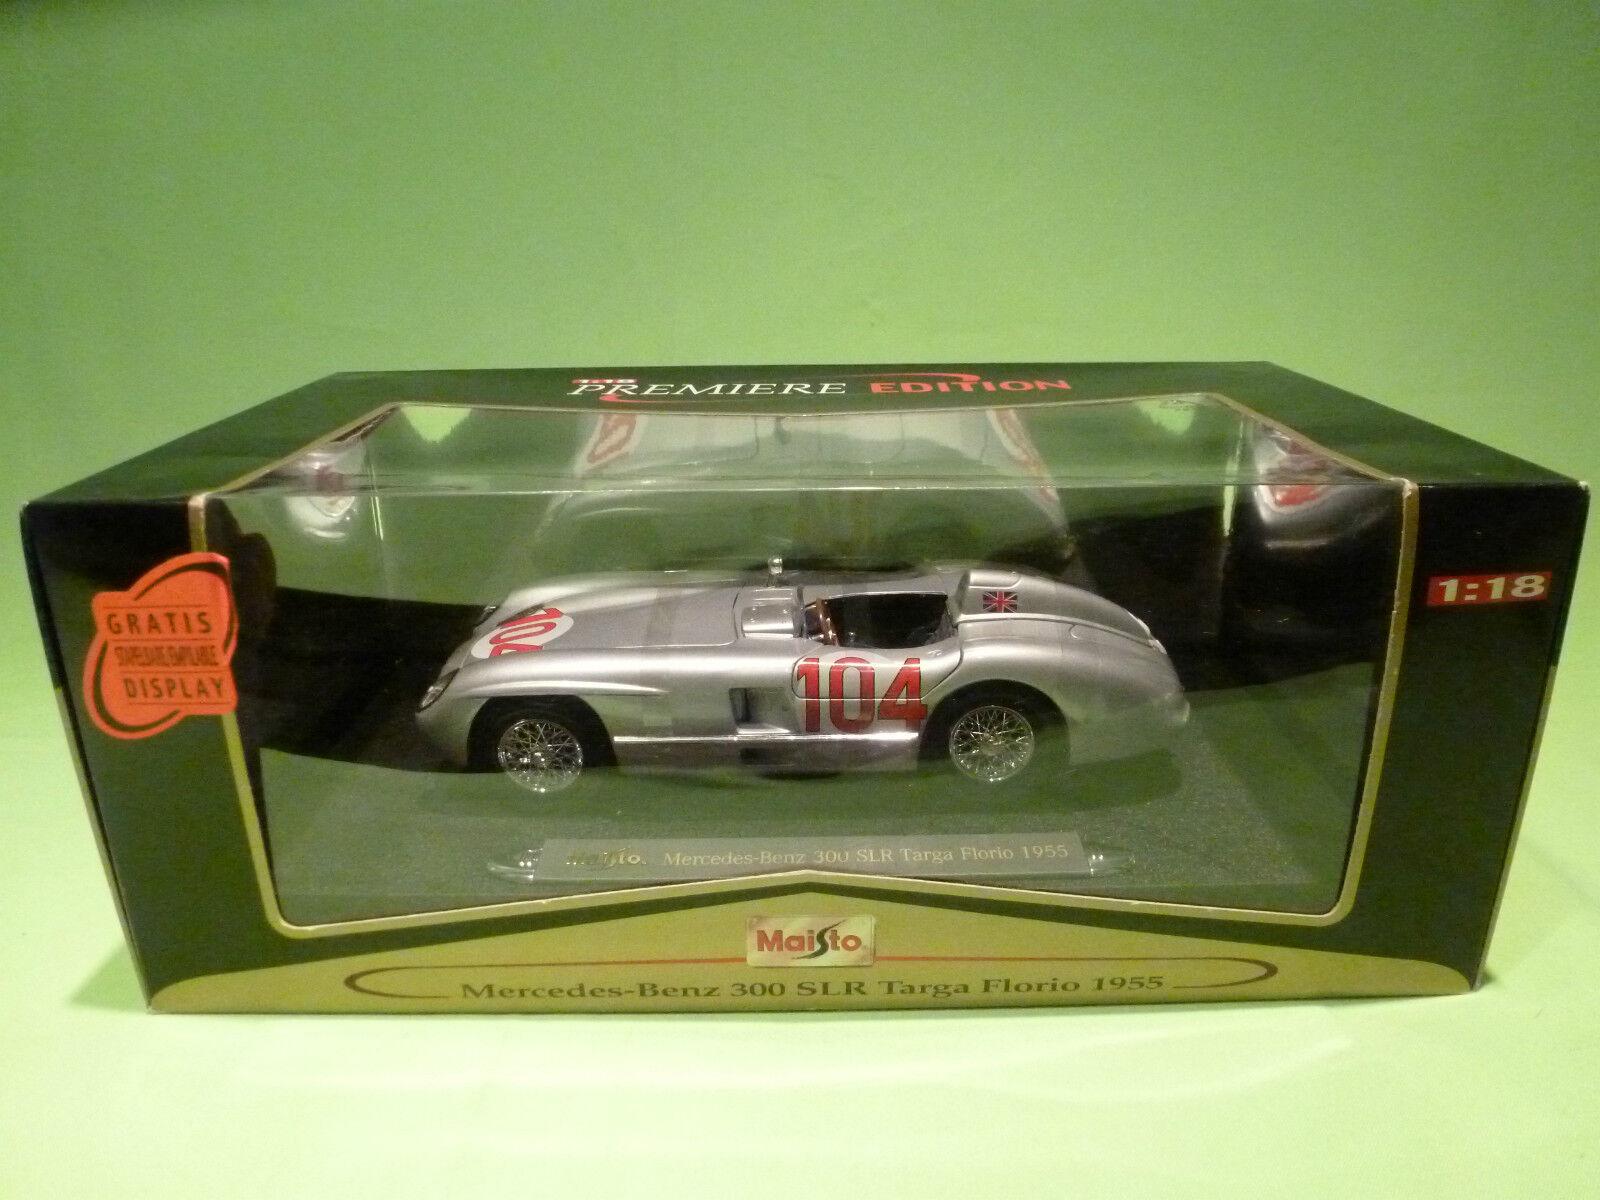 MAISTO 1 18 MERCEDES BENZ 300 SLR TARGA FLORIO 1955  - RARE SELTEN - GOOD IN BOX